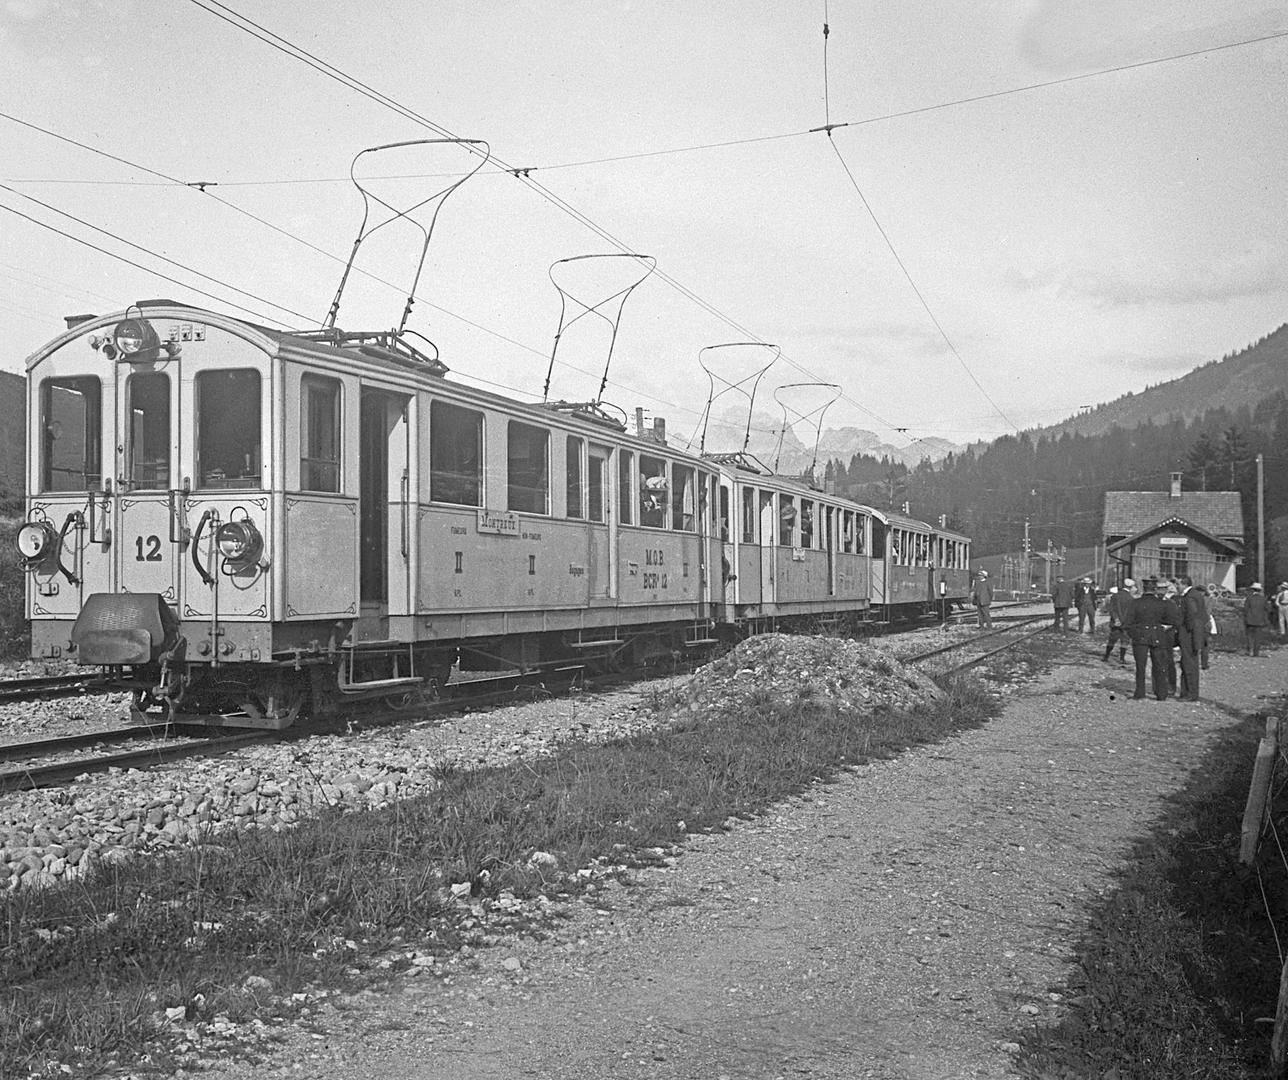 Saanenmöser Train Station (A1335)